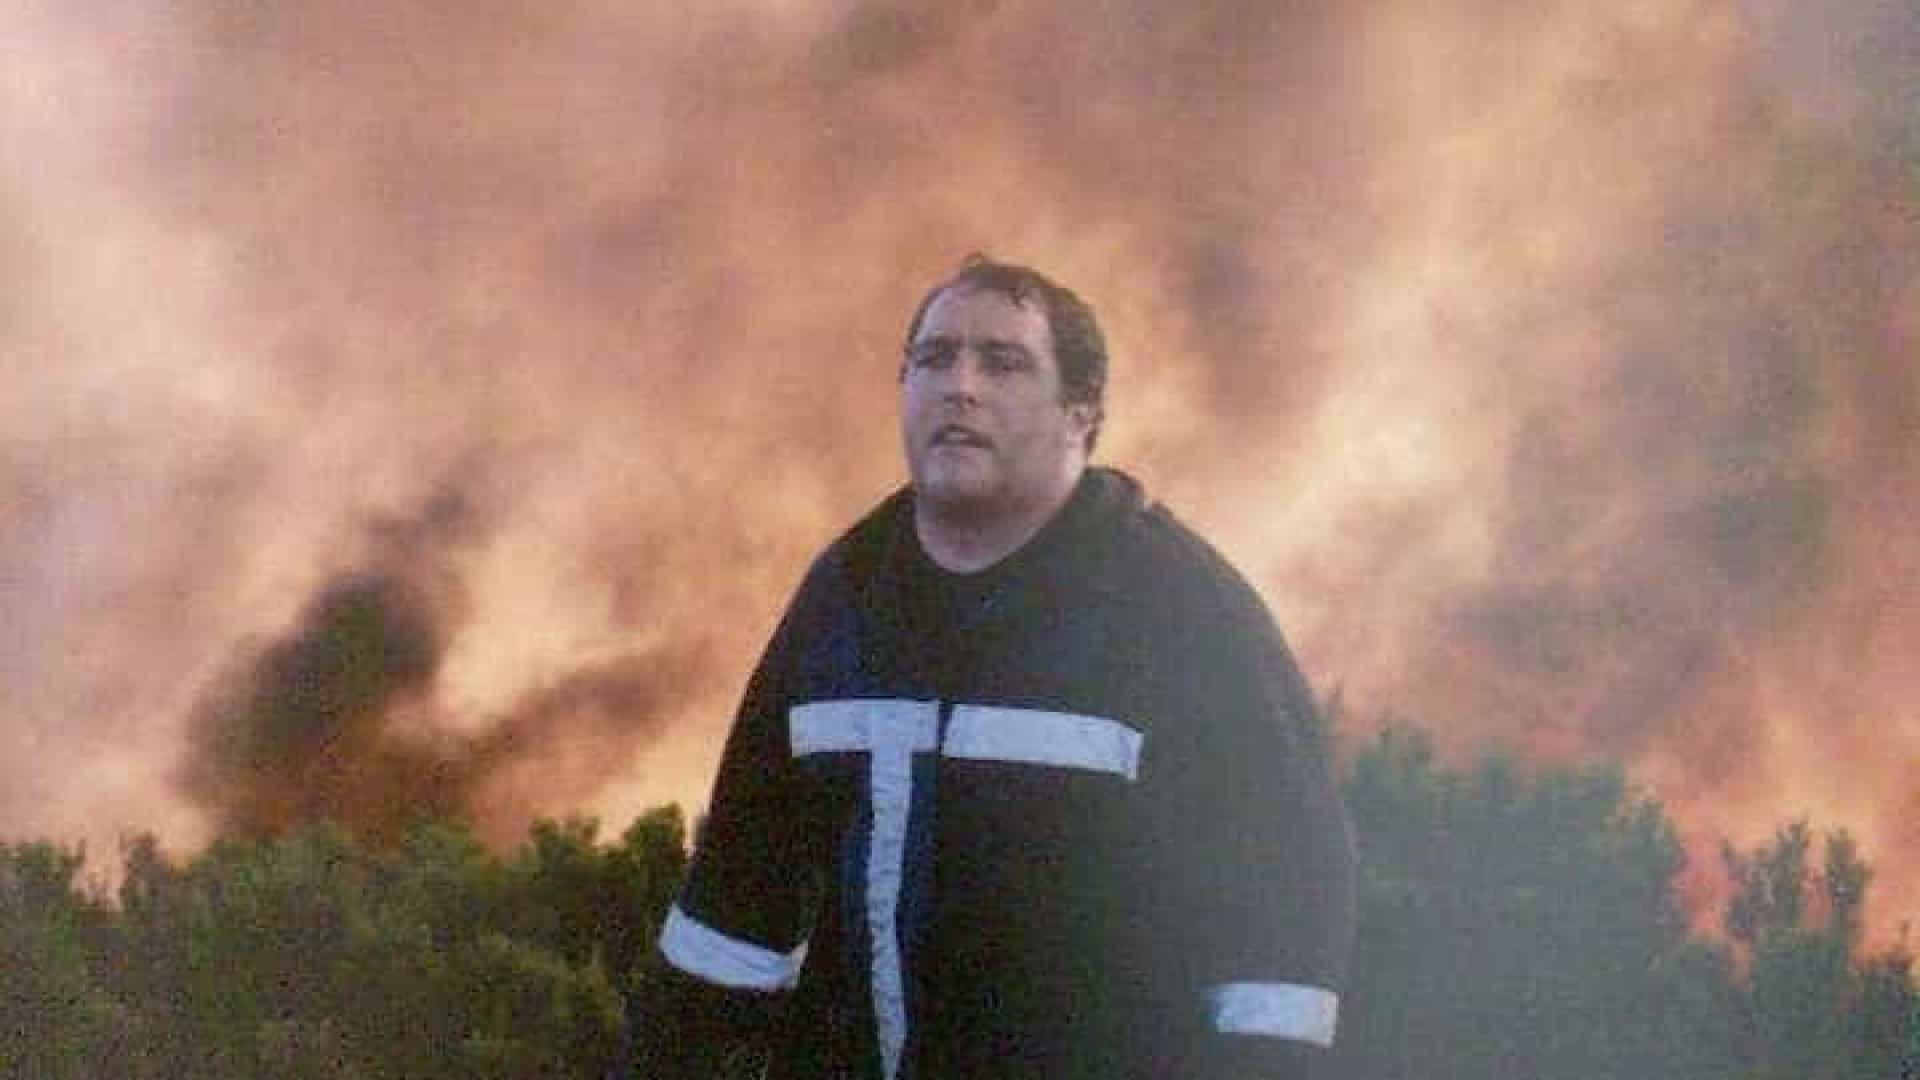 Gonçalo Assa: O rosto do homem que morreu a ser bombeiro, a ser herói